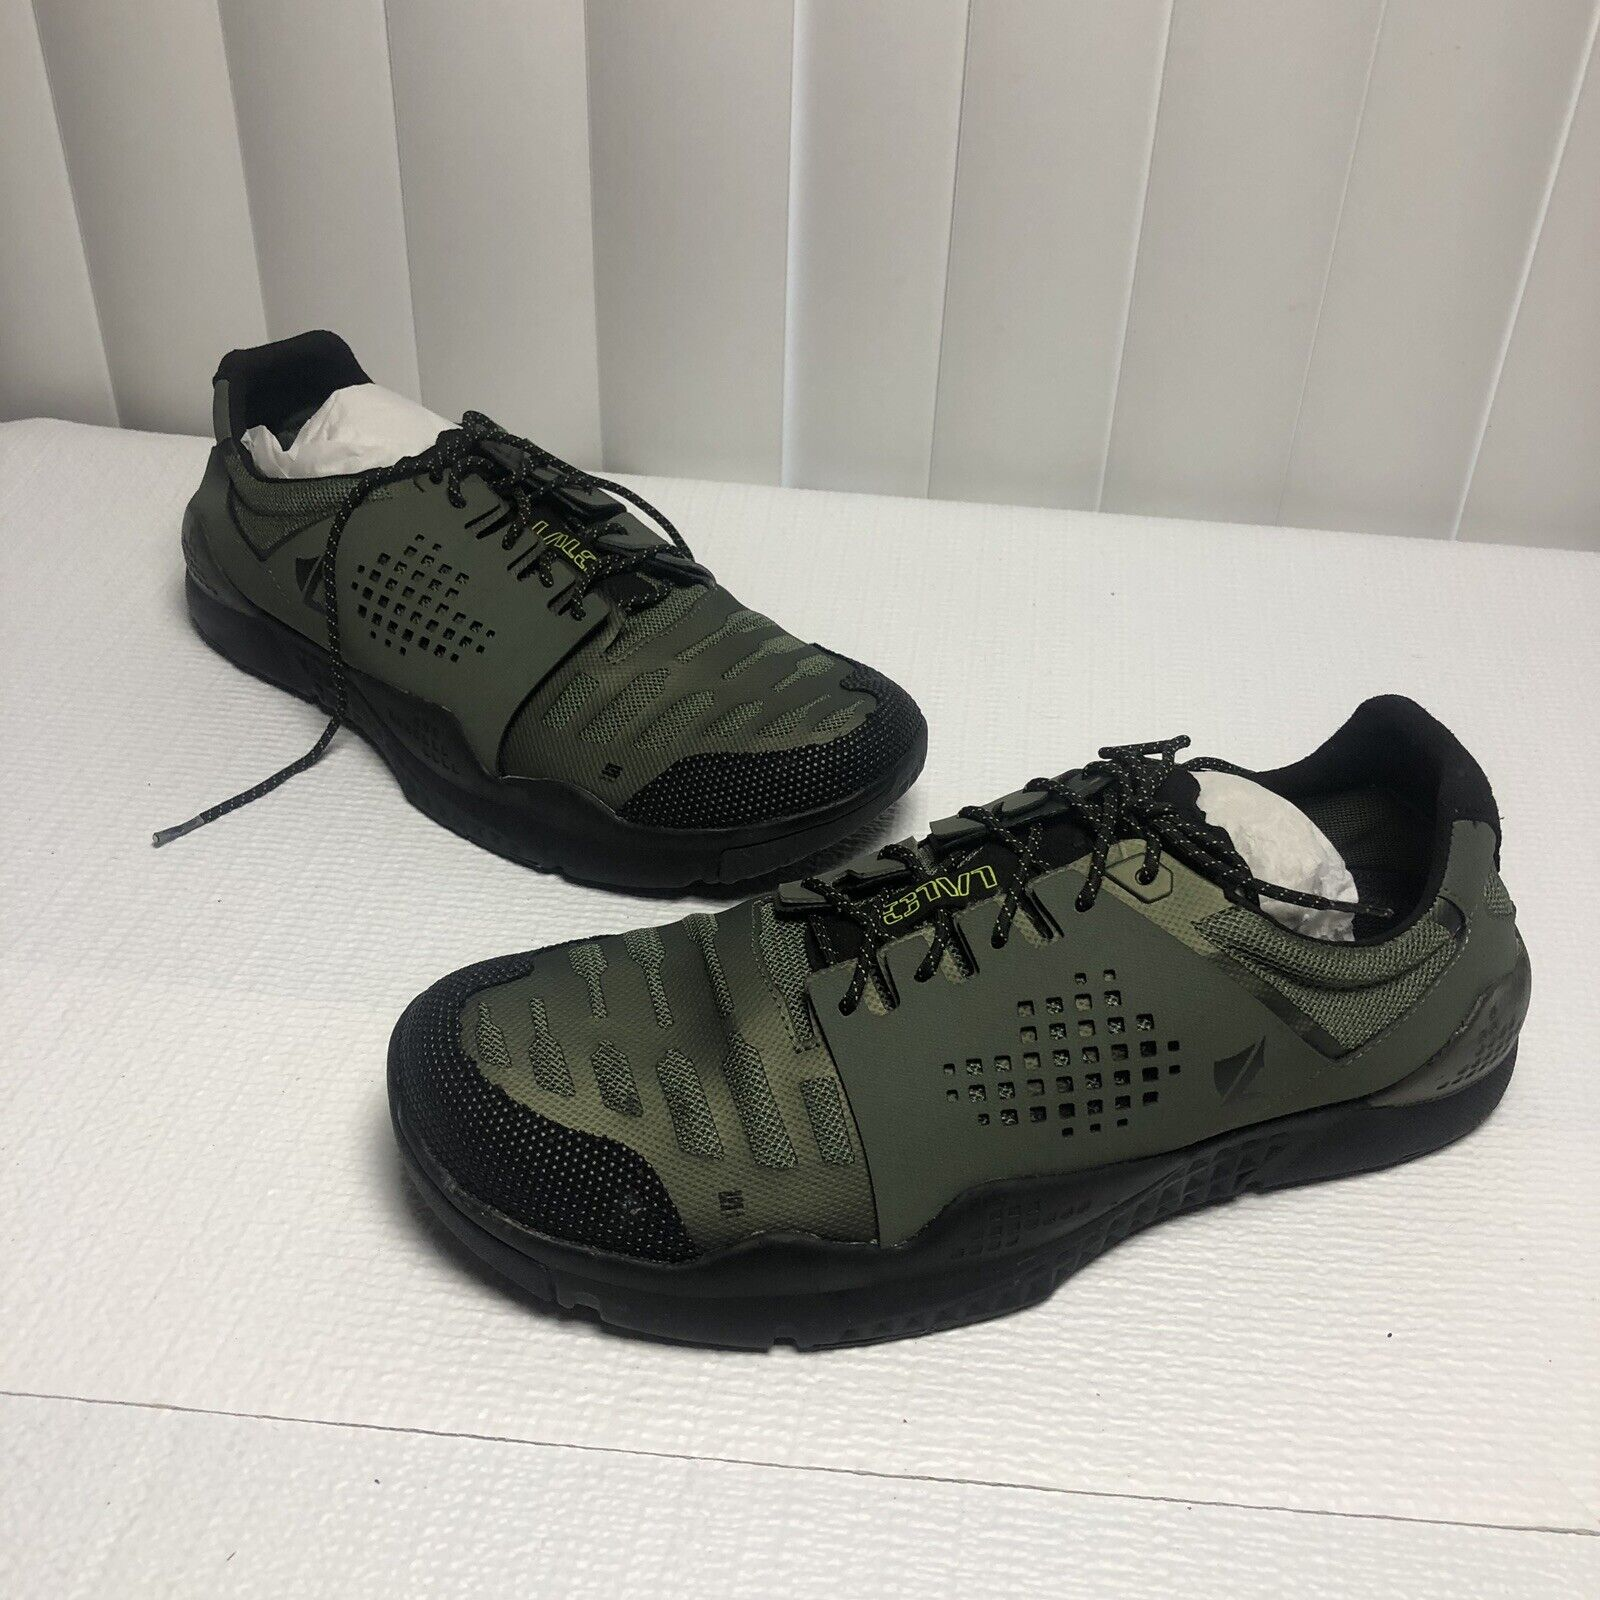 Lalo Mens Bloodbird  Athletic scarpe, Jungle, US Dimensione 14 UK 14 EUR 48.5 145BU004  la vostra soddisfazione è il nostro obiettivo